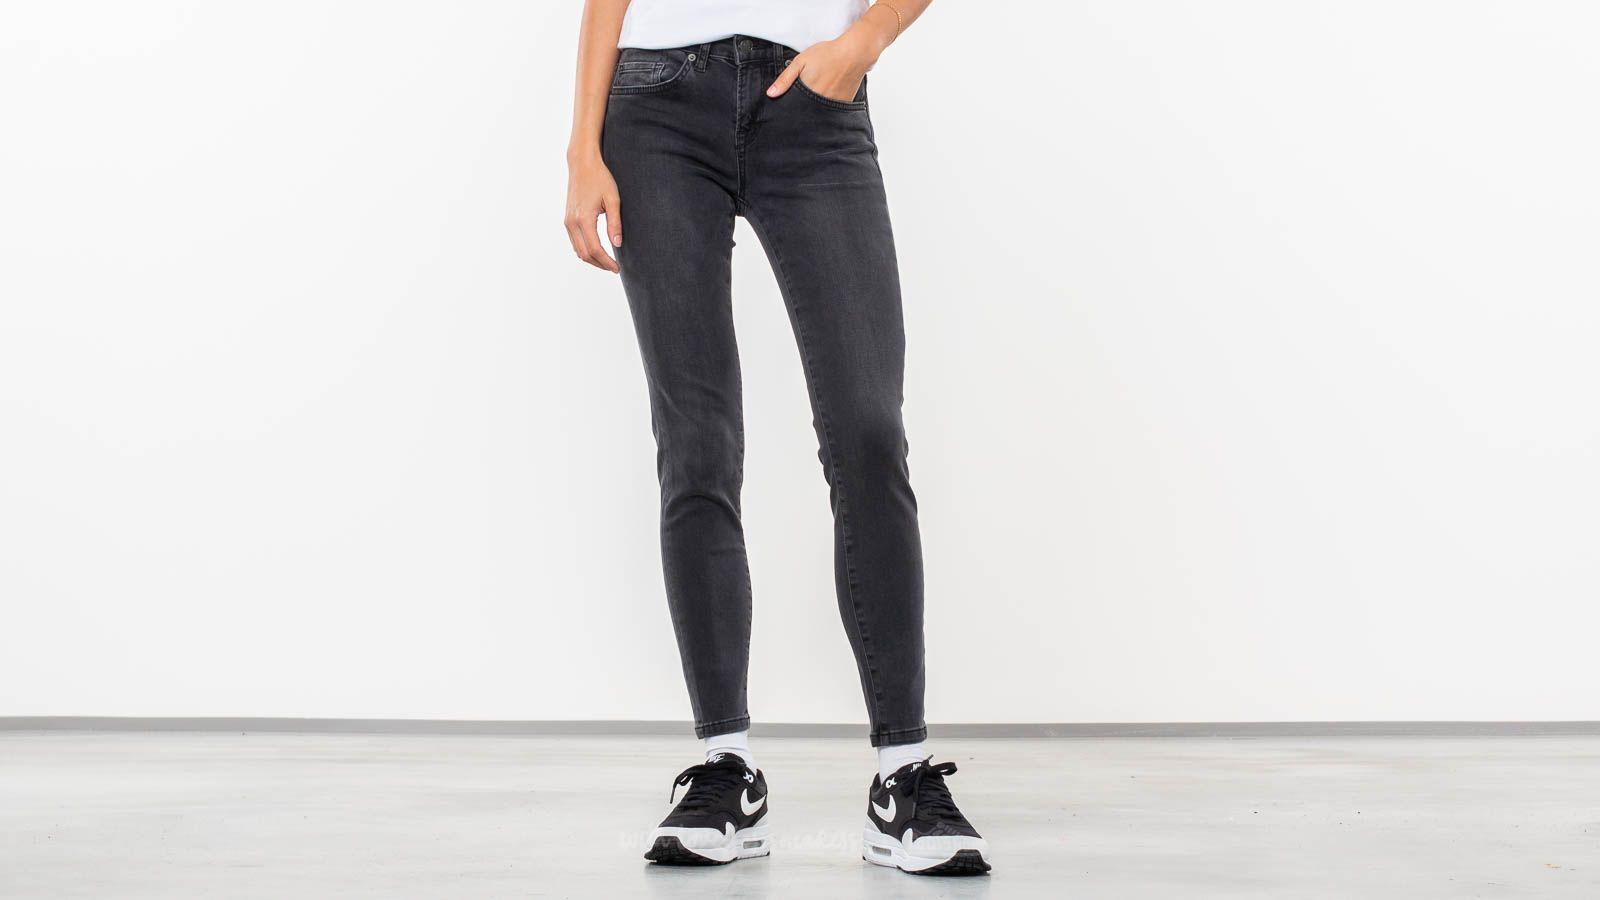 SELECTED Ida Cropped Jeans Grey Denim za skvělou cenu 1 070 Kč koupíte na Footshop.cz